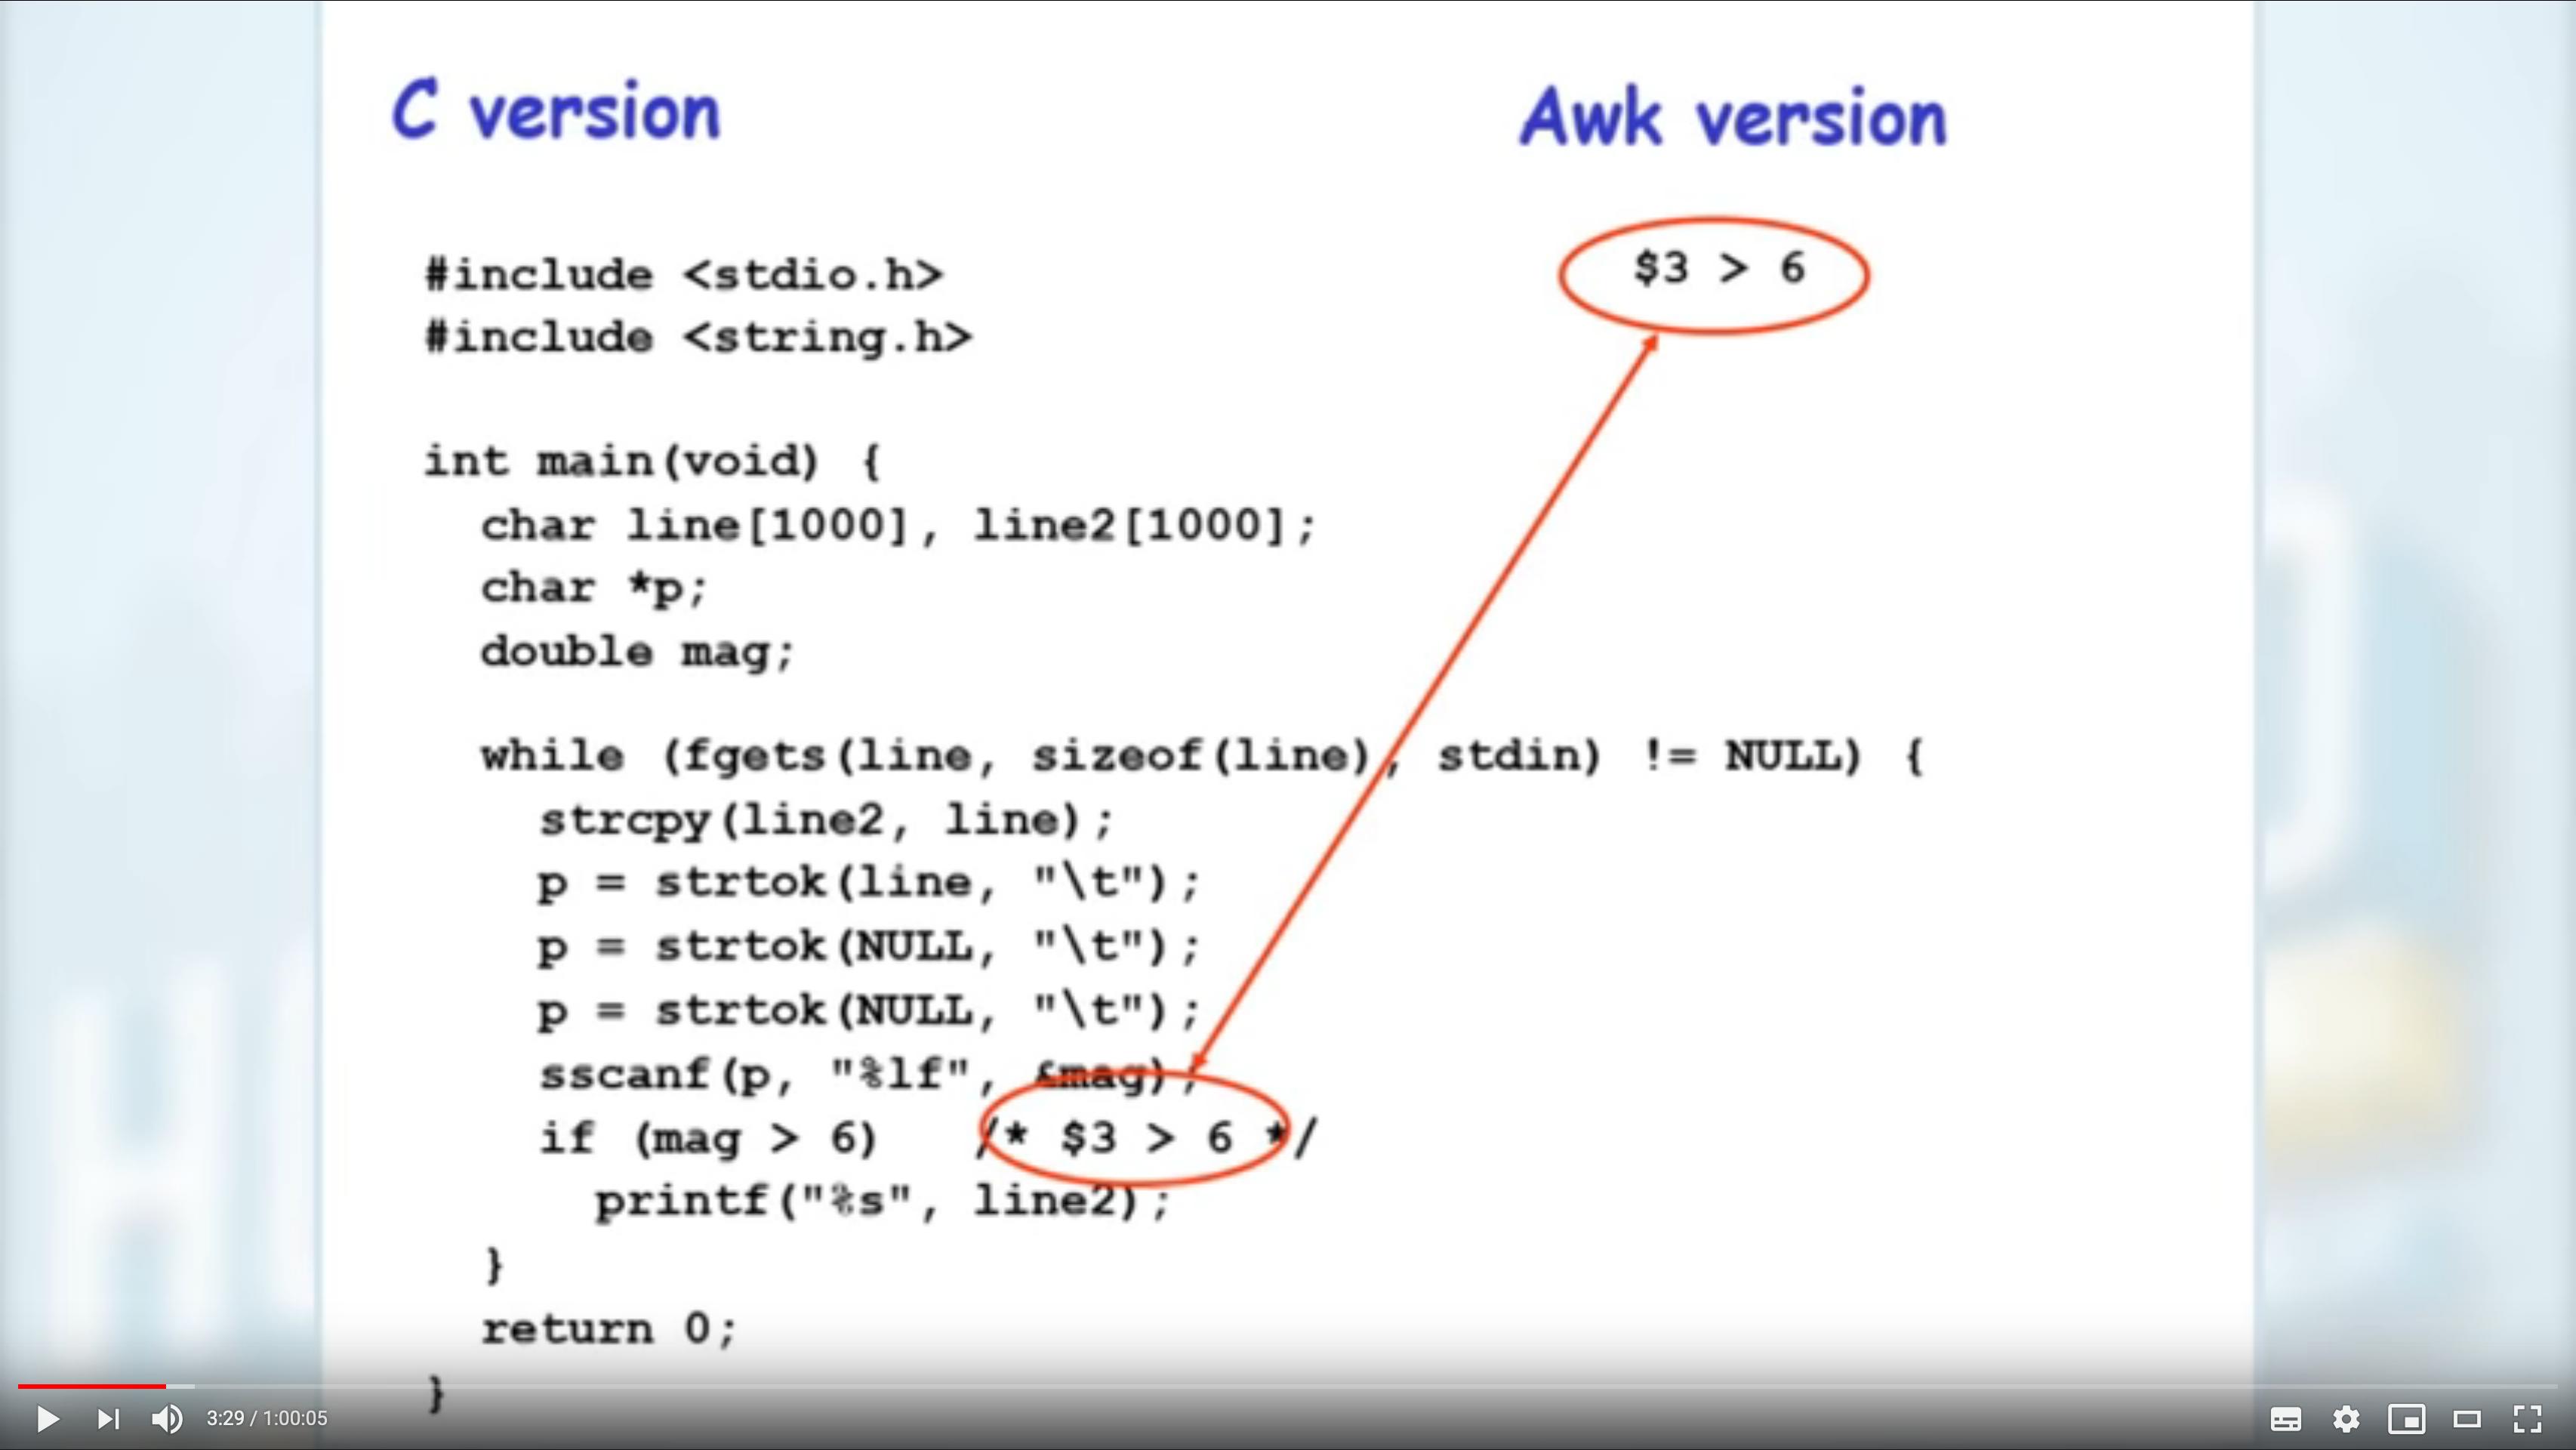 vis-à-vis entre un code écrit en langage C et son équivalent avec awk extrait d'une conférence donnée par Brian Kernighan, l'un des auteurs de awk..